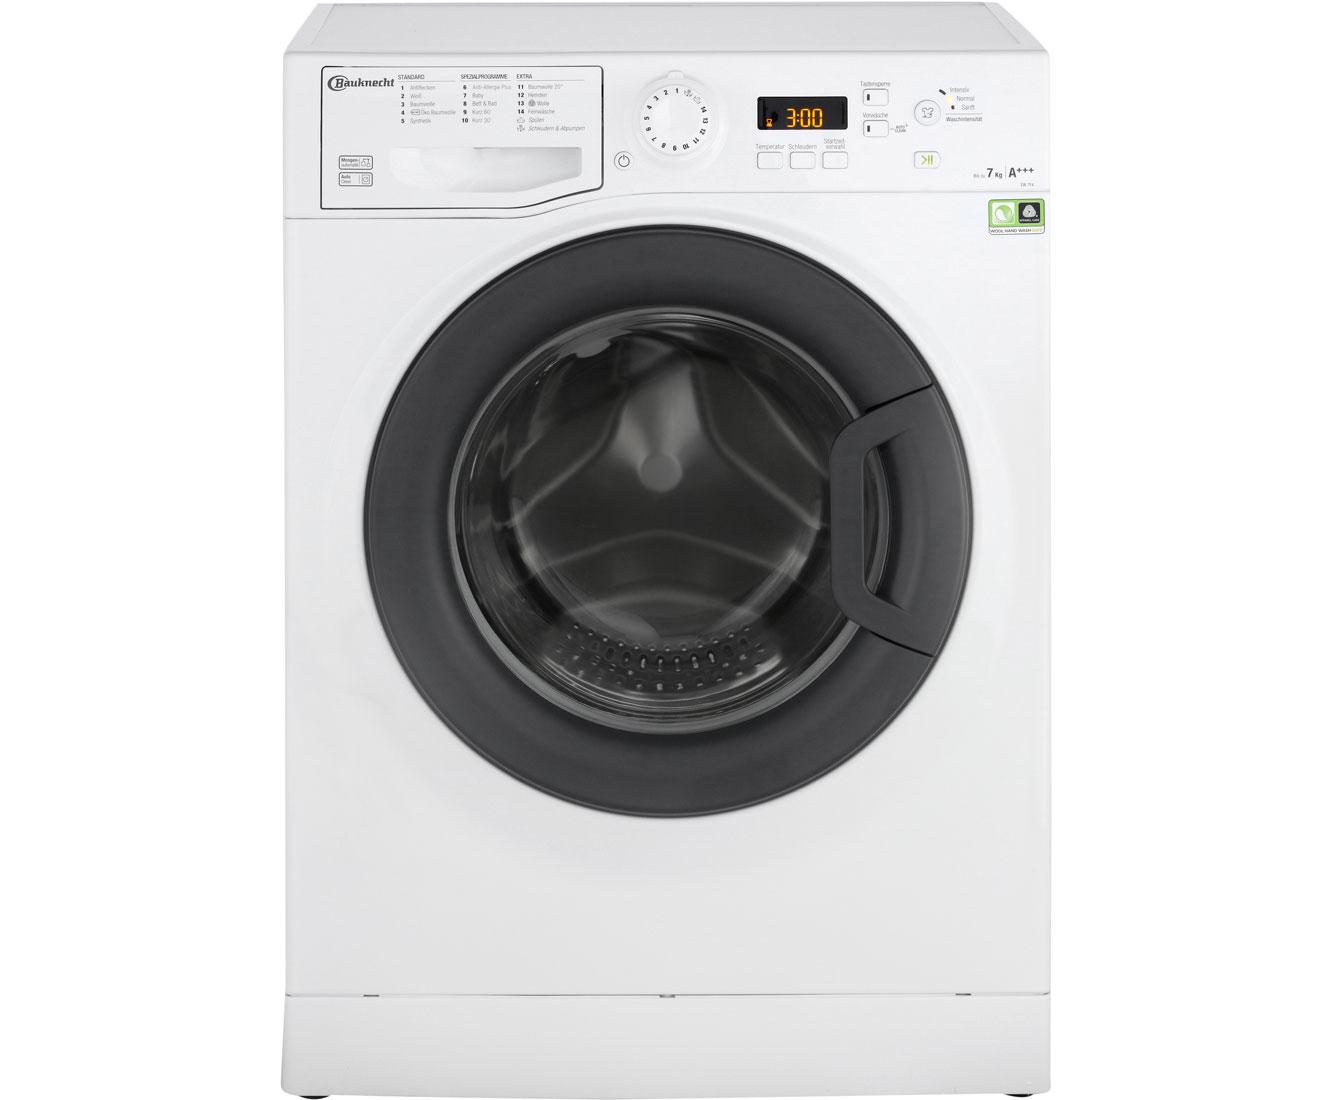 Bauknecht ew 7f4 waschmaschine 7 kg 1400 u min a